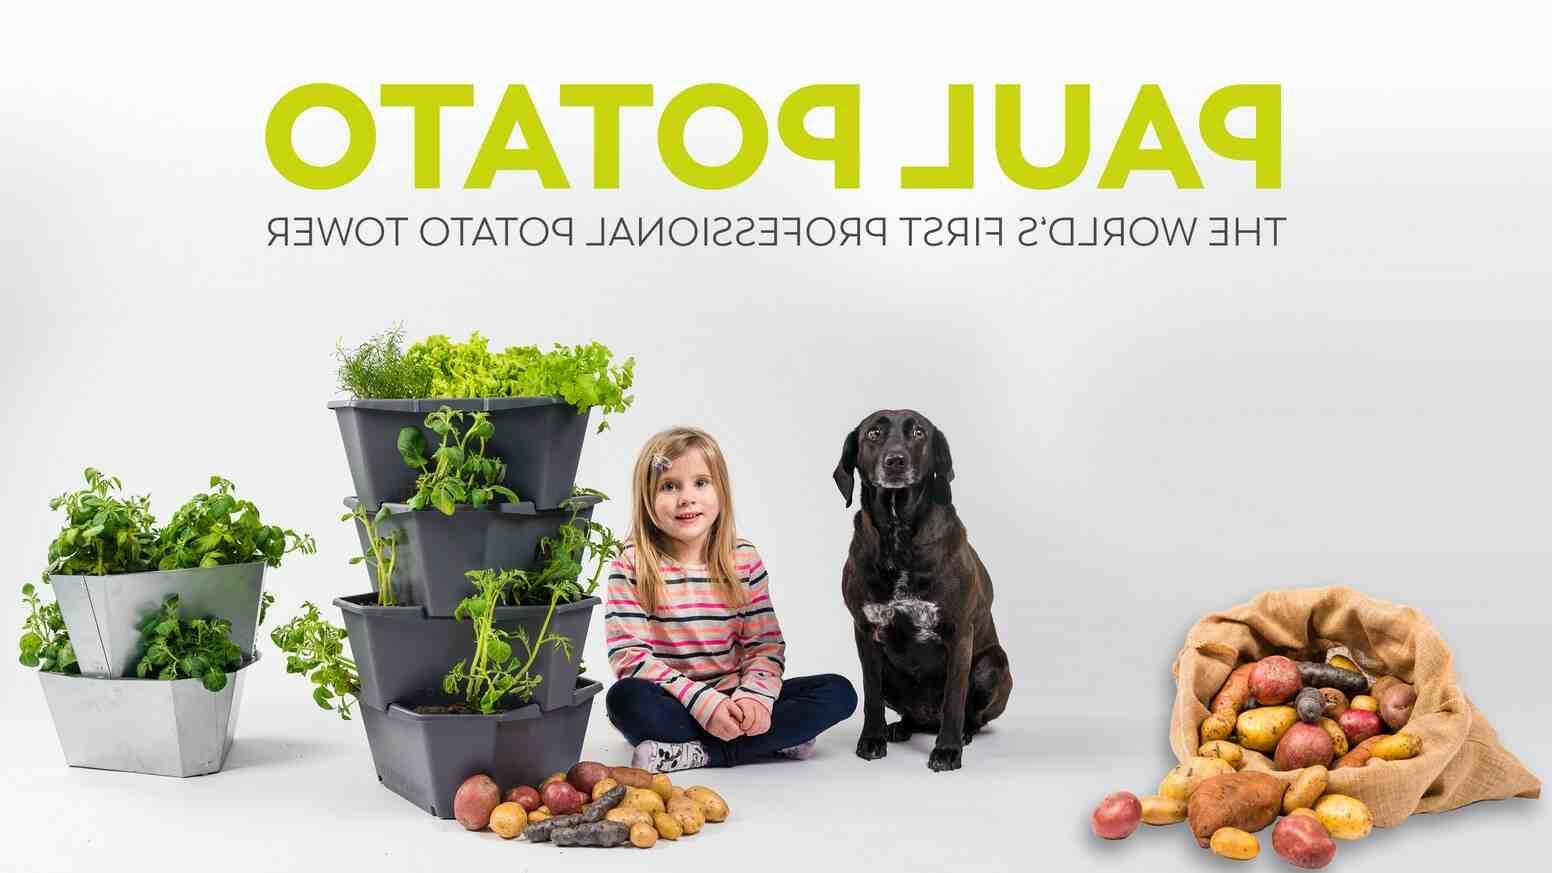 Comment faire pousser des pommes de terre dans un seau ?